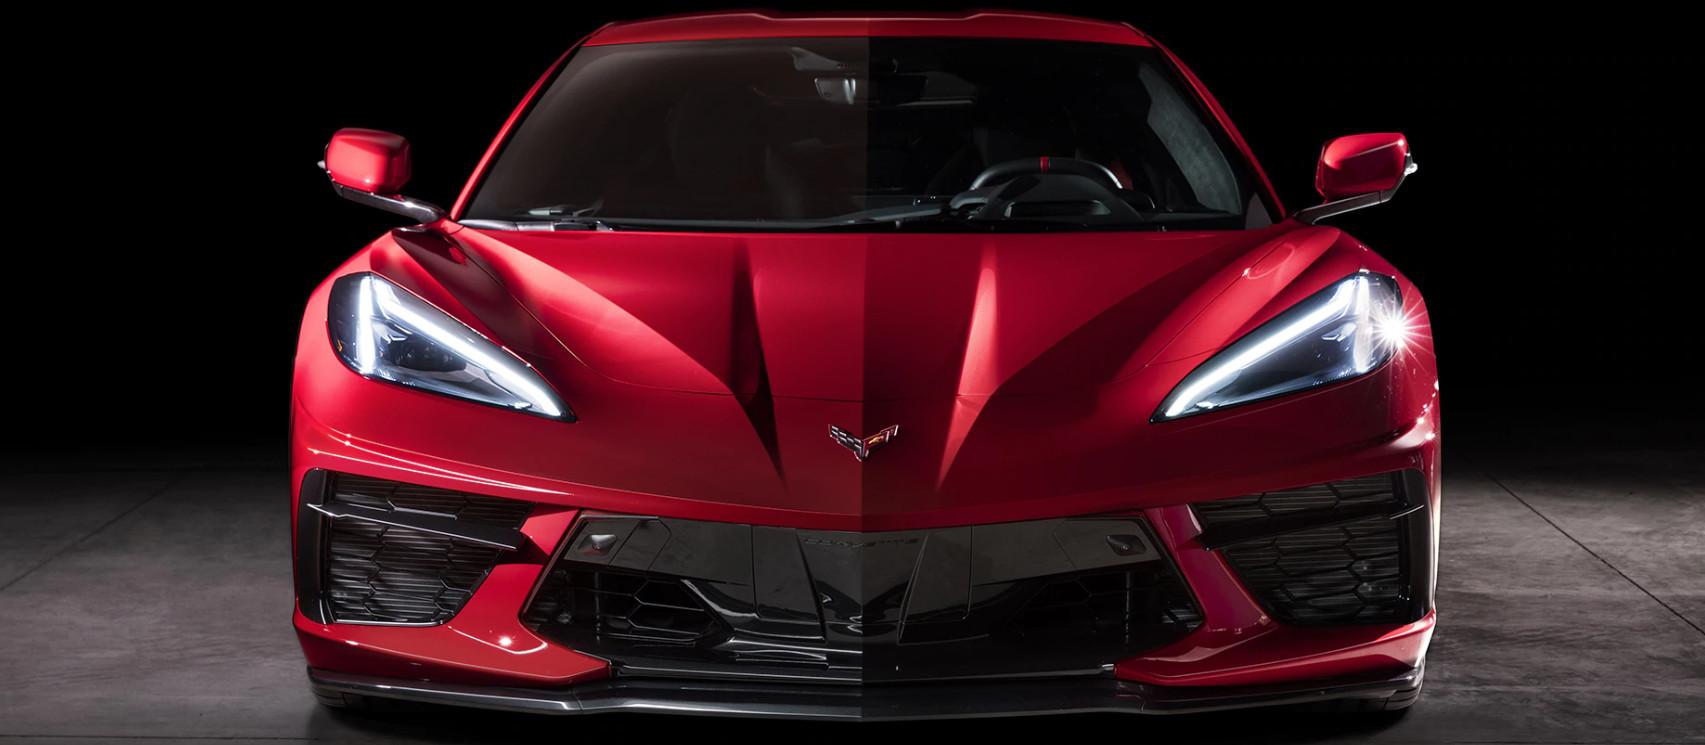 2020 Chevrolet Corvette for Sale near Naperville, IL